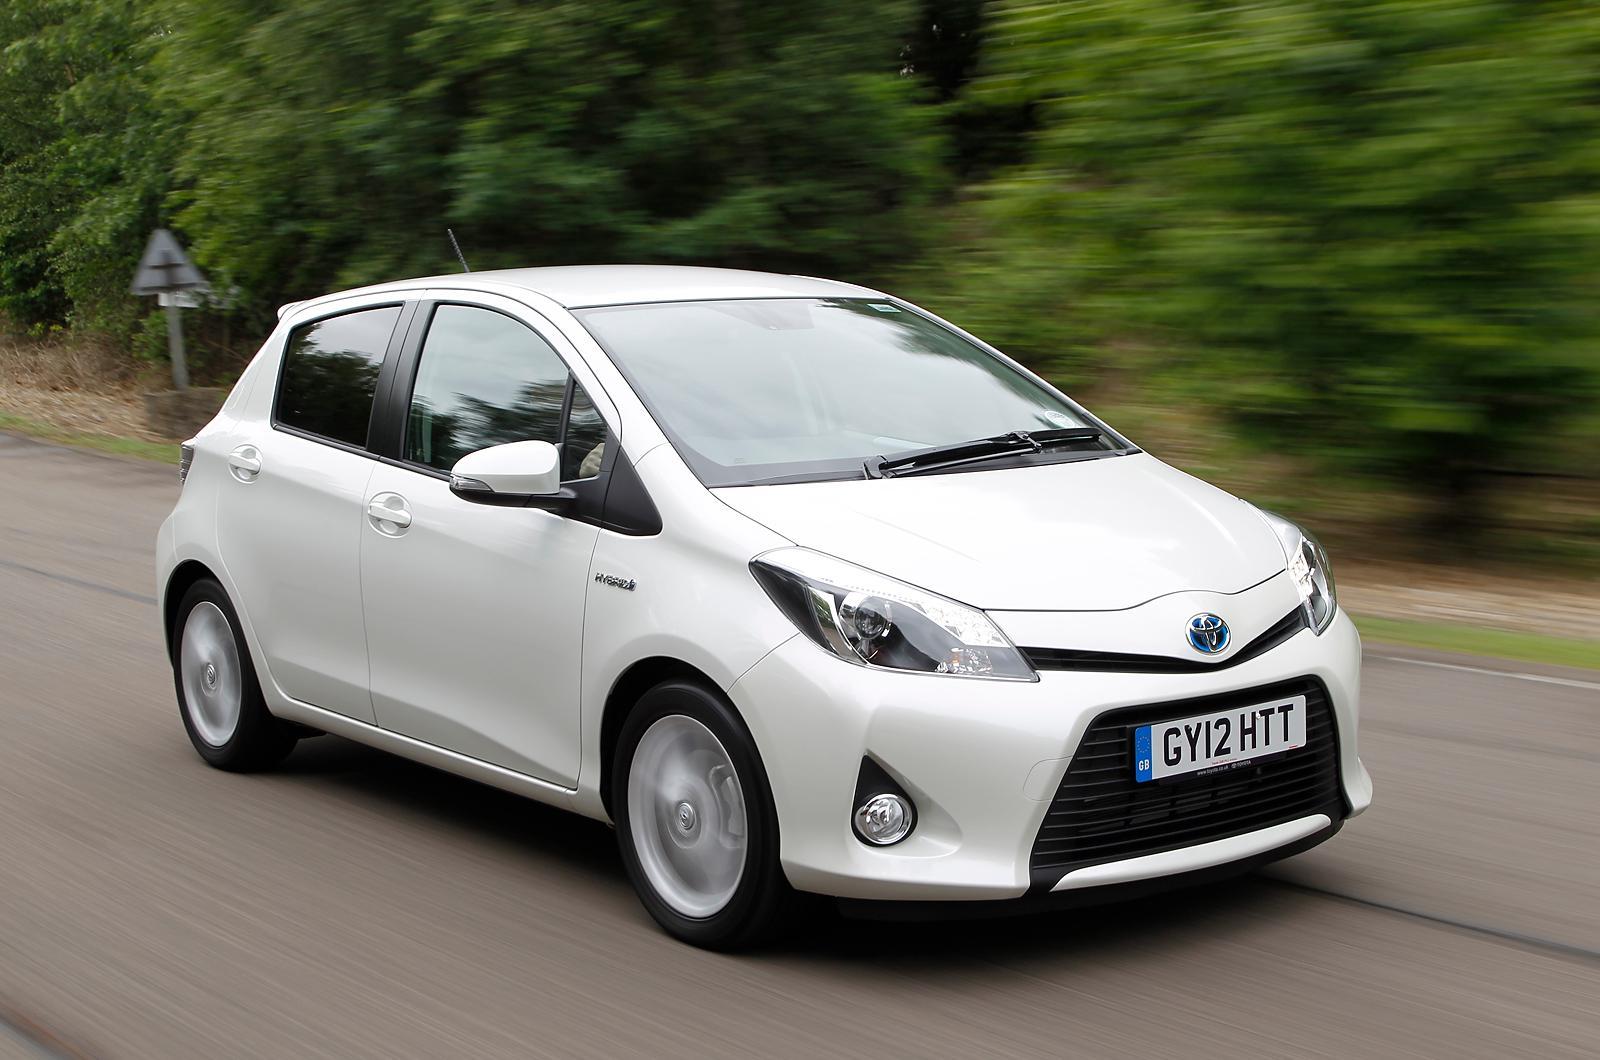 Buying Used Hybrid Car Tips